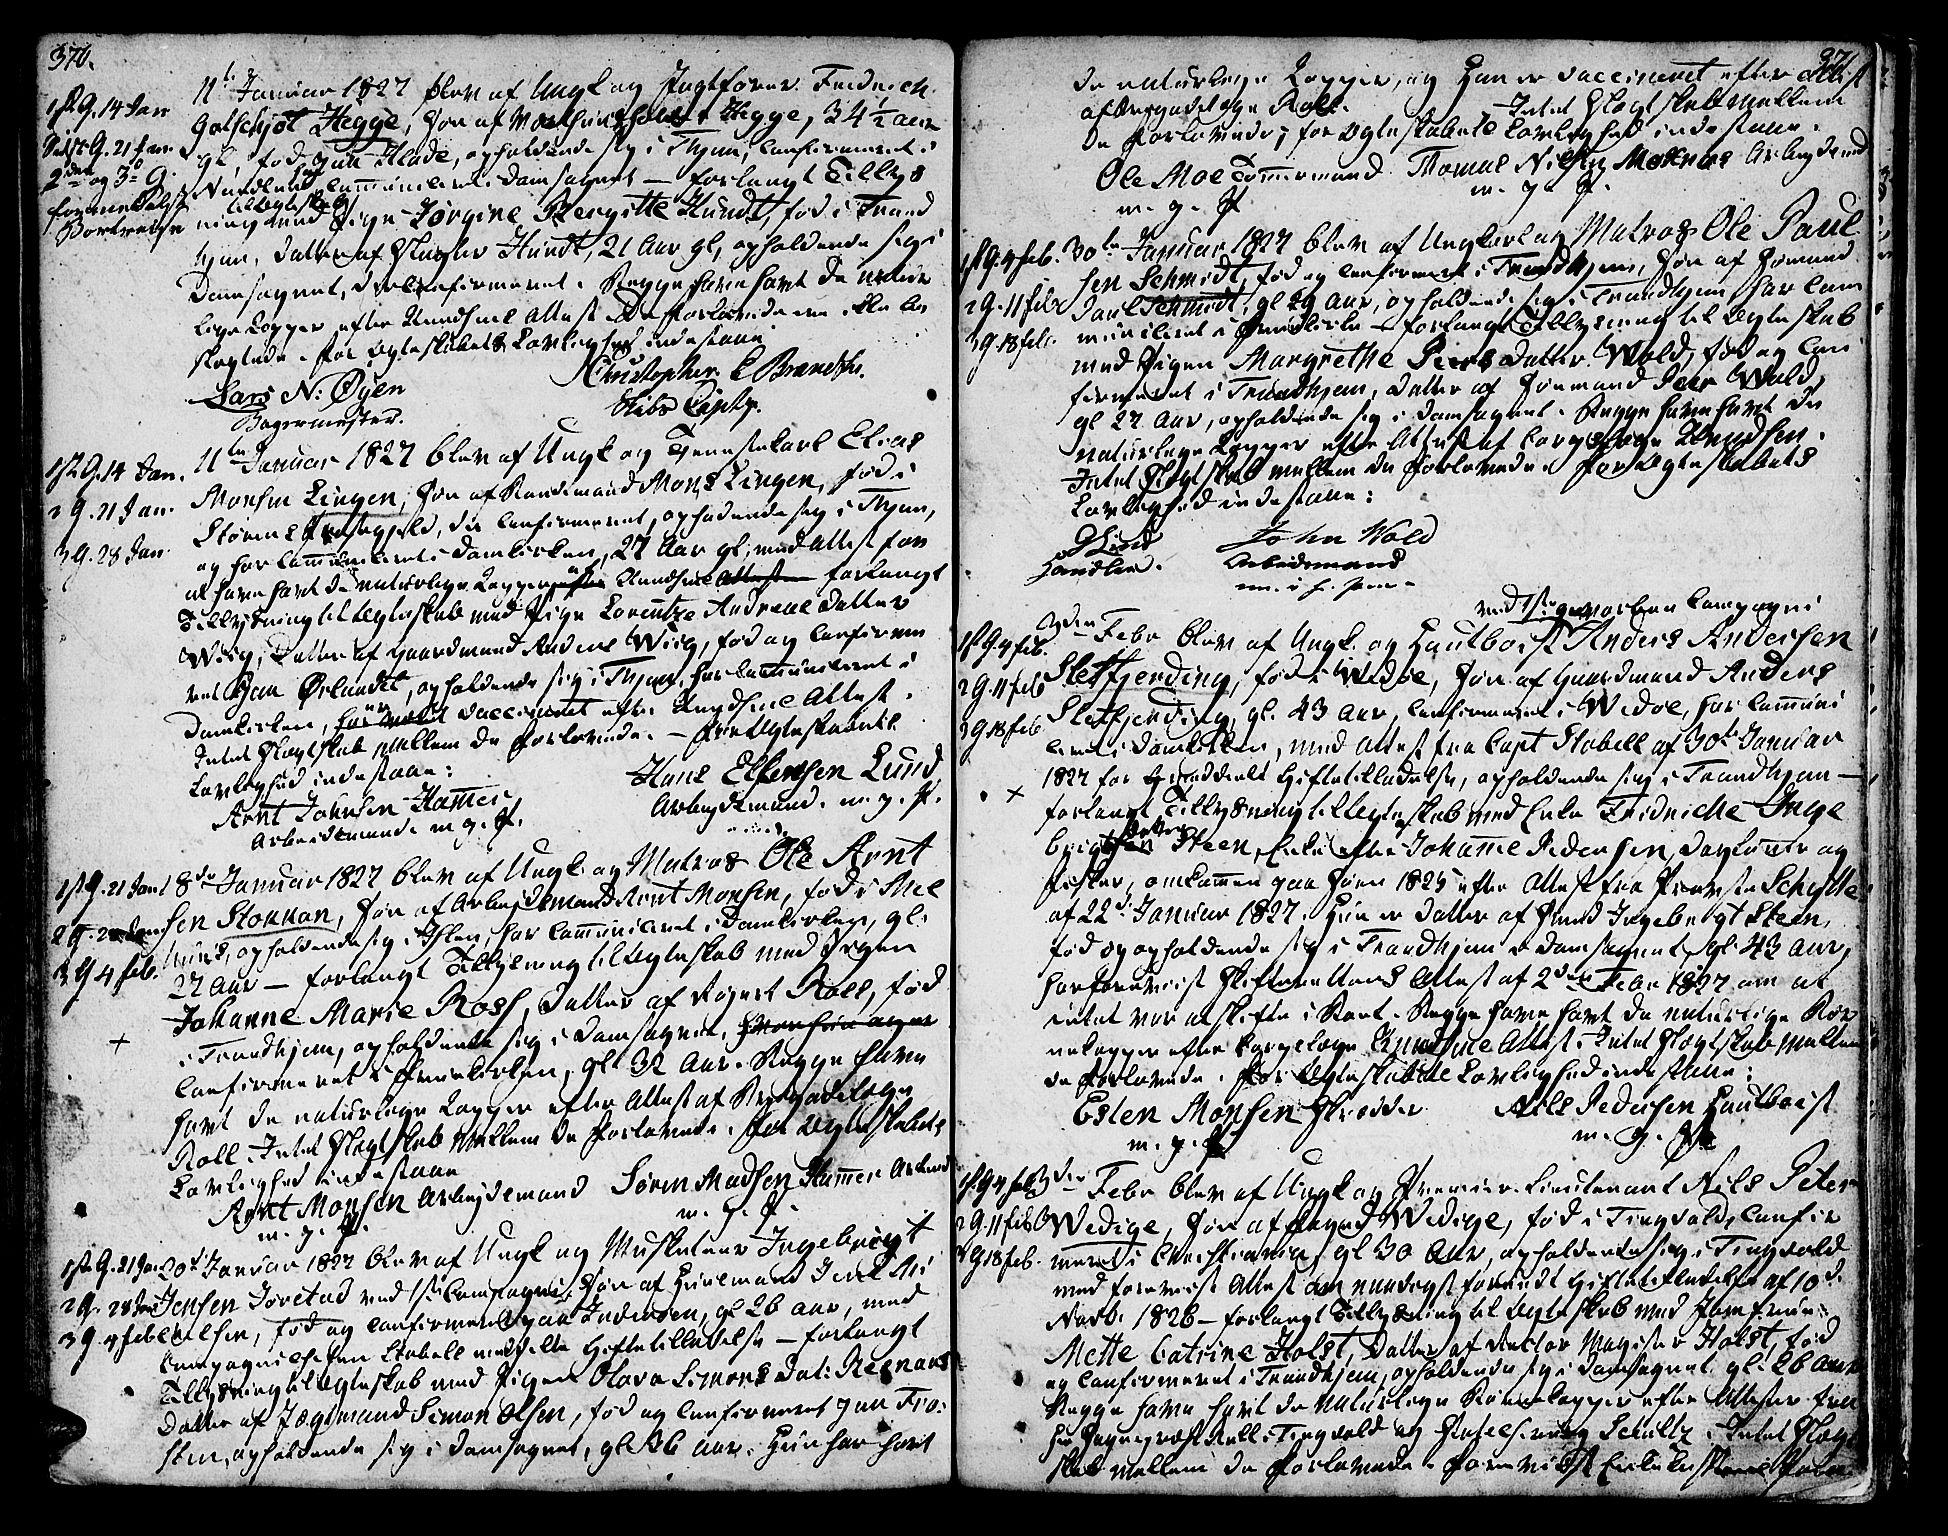 SAT, Ministerialprotokoller, klokkerbøker og fødselsregistre - Sør-Trøndelag, 601/L0042: Ministerialbok nr. 601A10, 1802-1830, s. 370-371